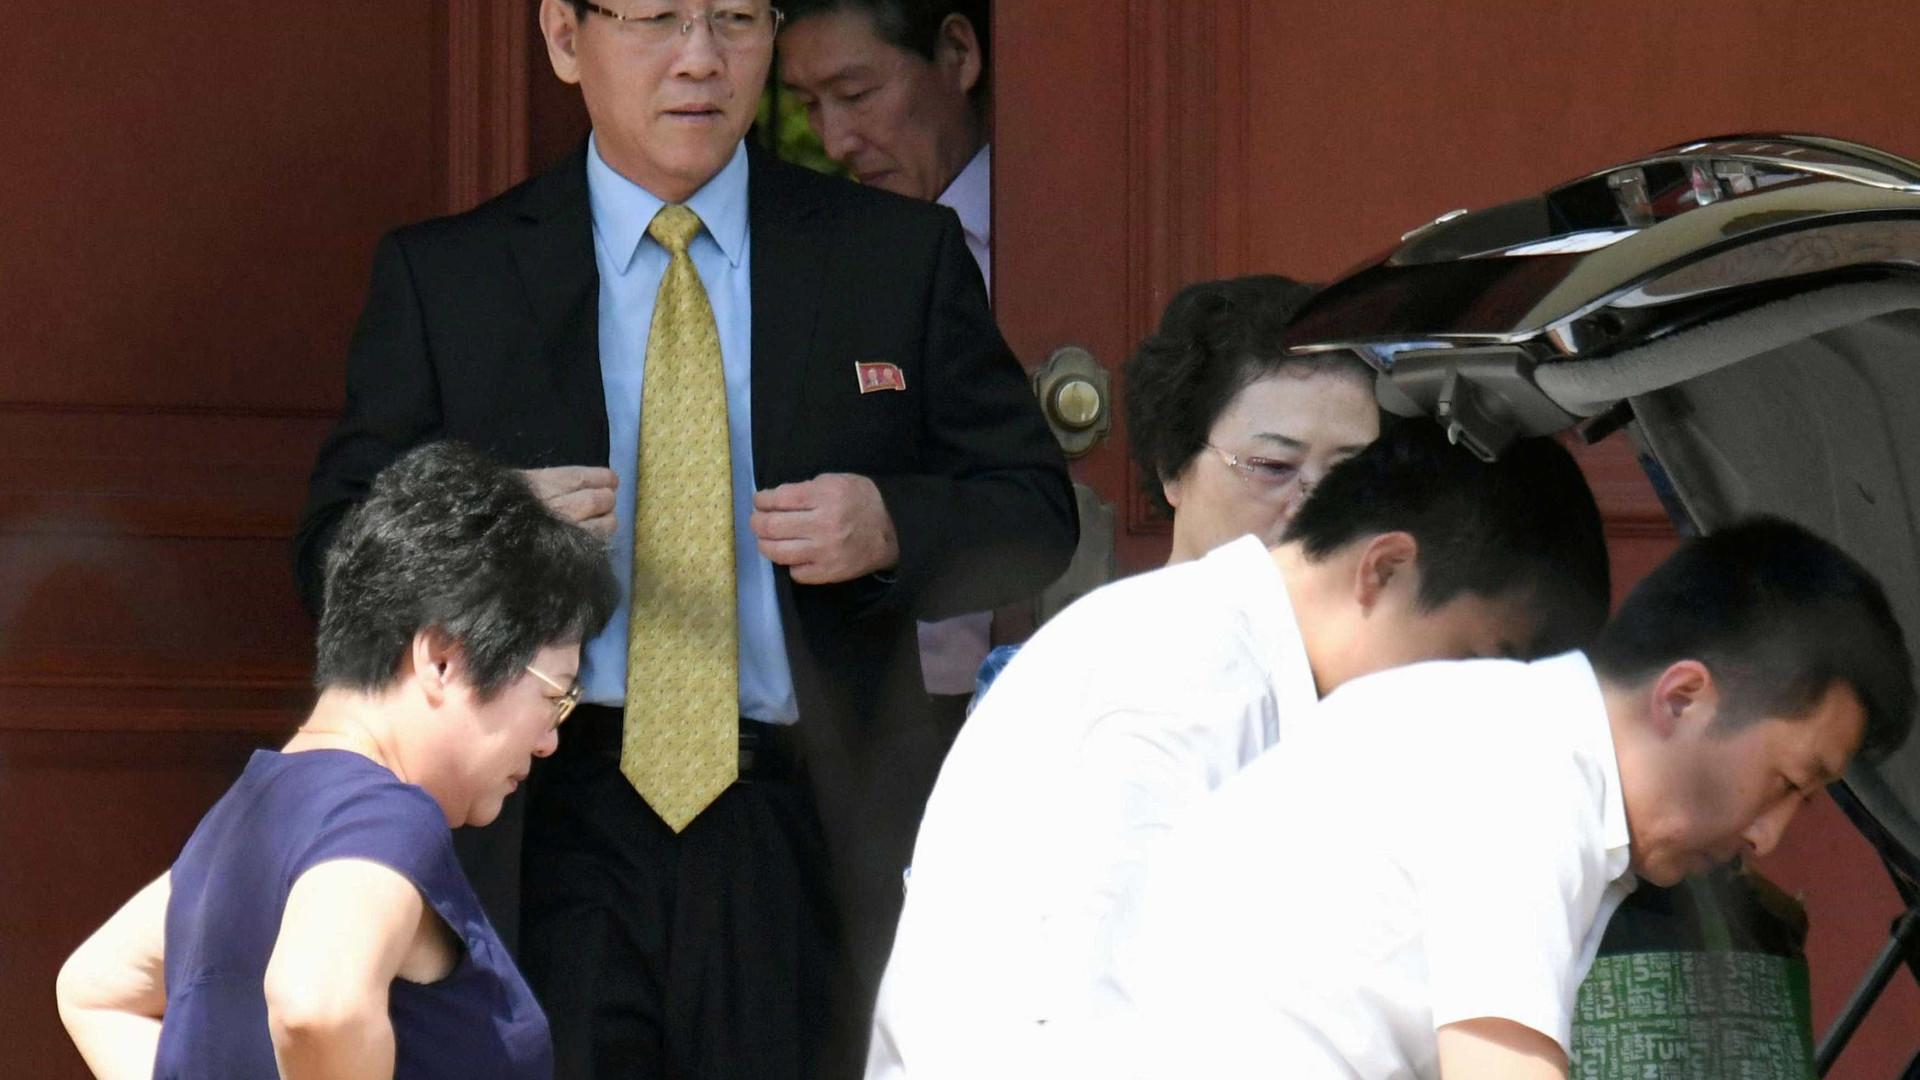 Embaixador norte-coreano deixa Malásia após ser expulso